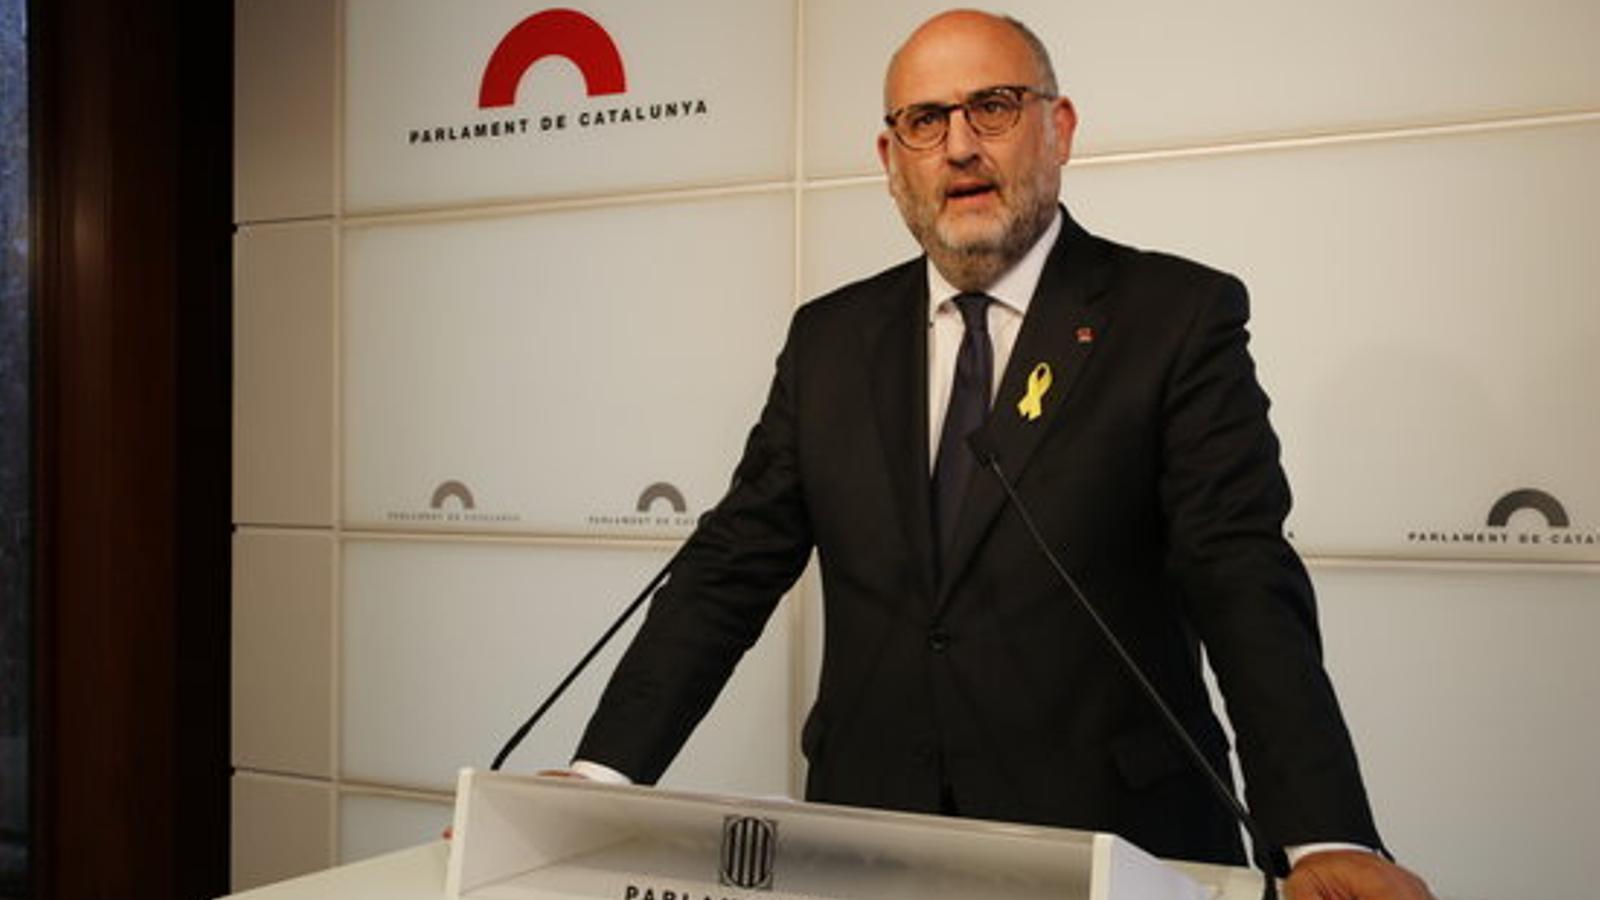 JxCat retira la moció que insistia en l'autodeterminació per no interferir en les negociacions de la investidura